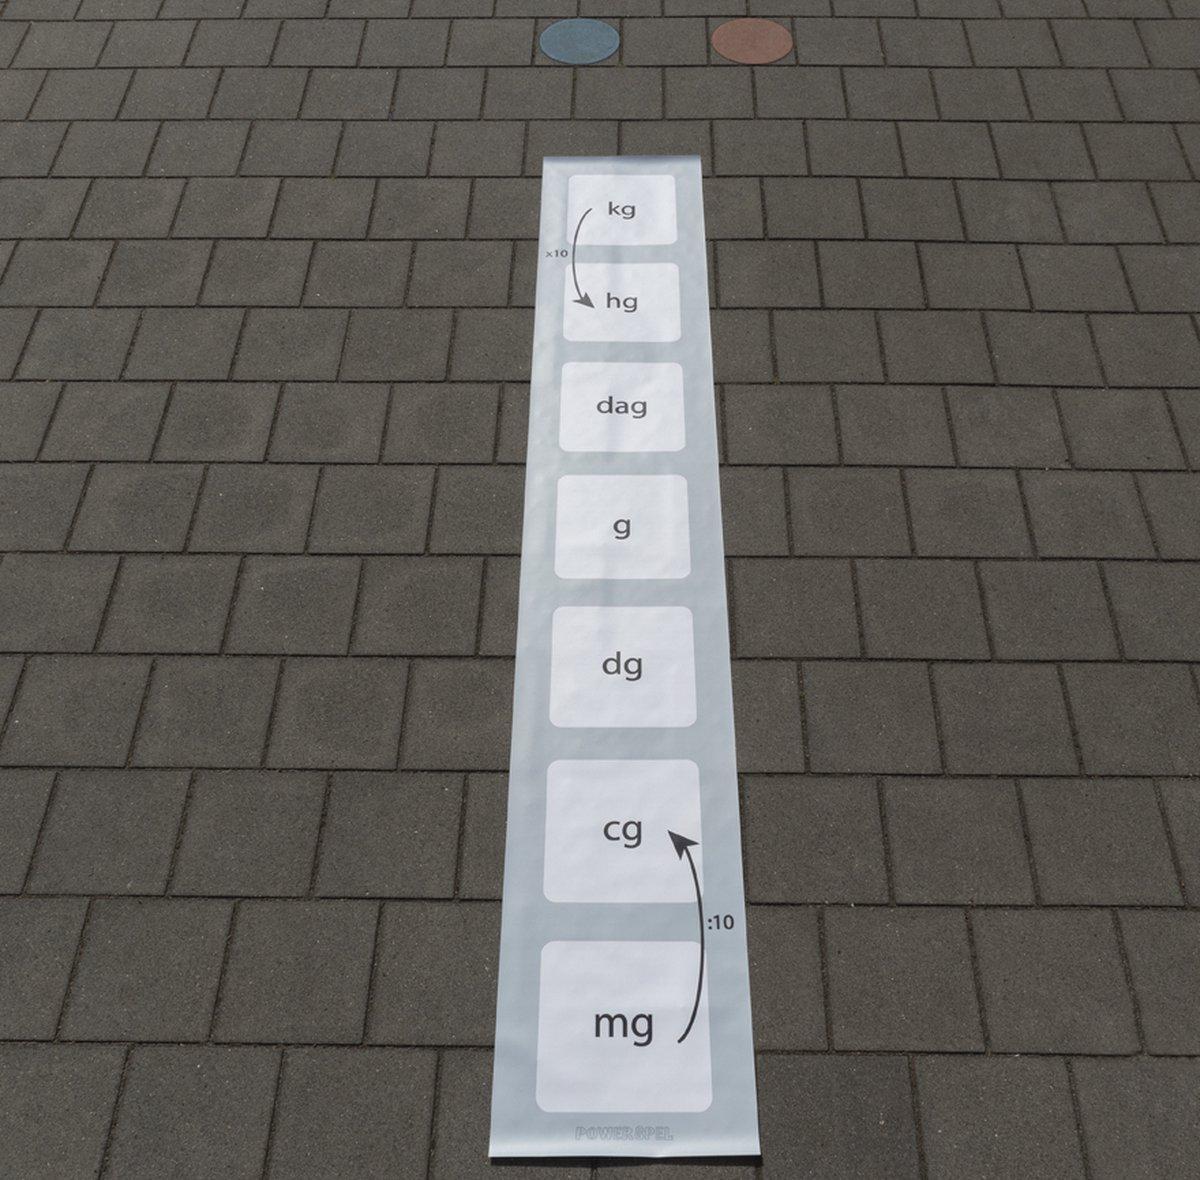 Leermat metriek stelsel - gram